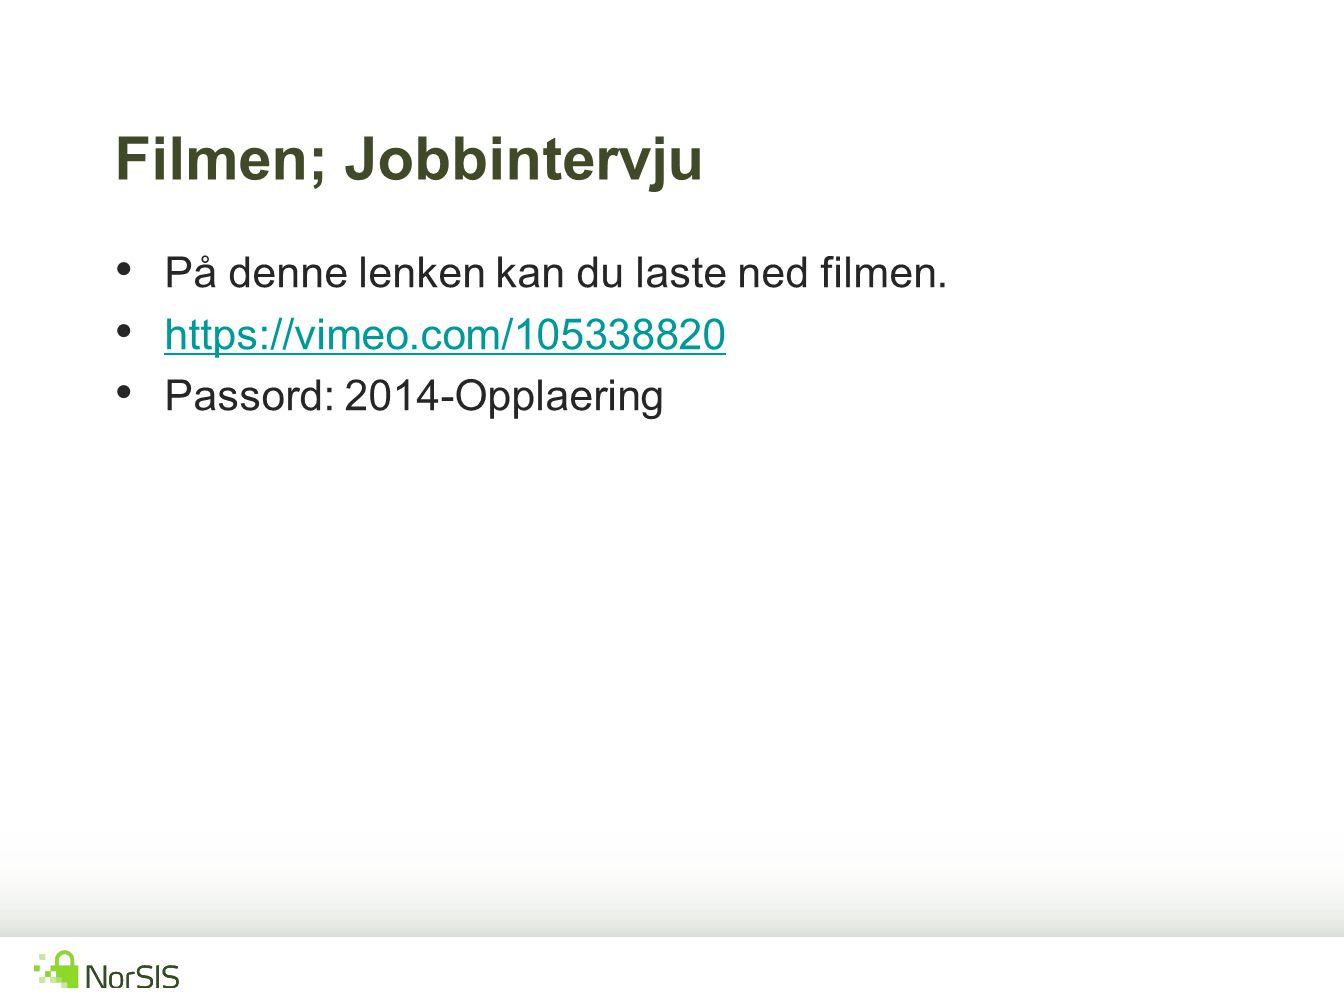 Filmen; Jobbintervju På denne lenken kan du laste ned filmen. https://vimeo.com/105338820 Passord: 2014-Opplaering